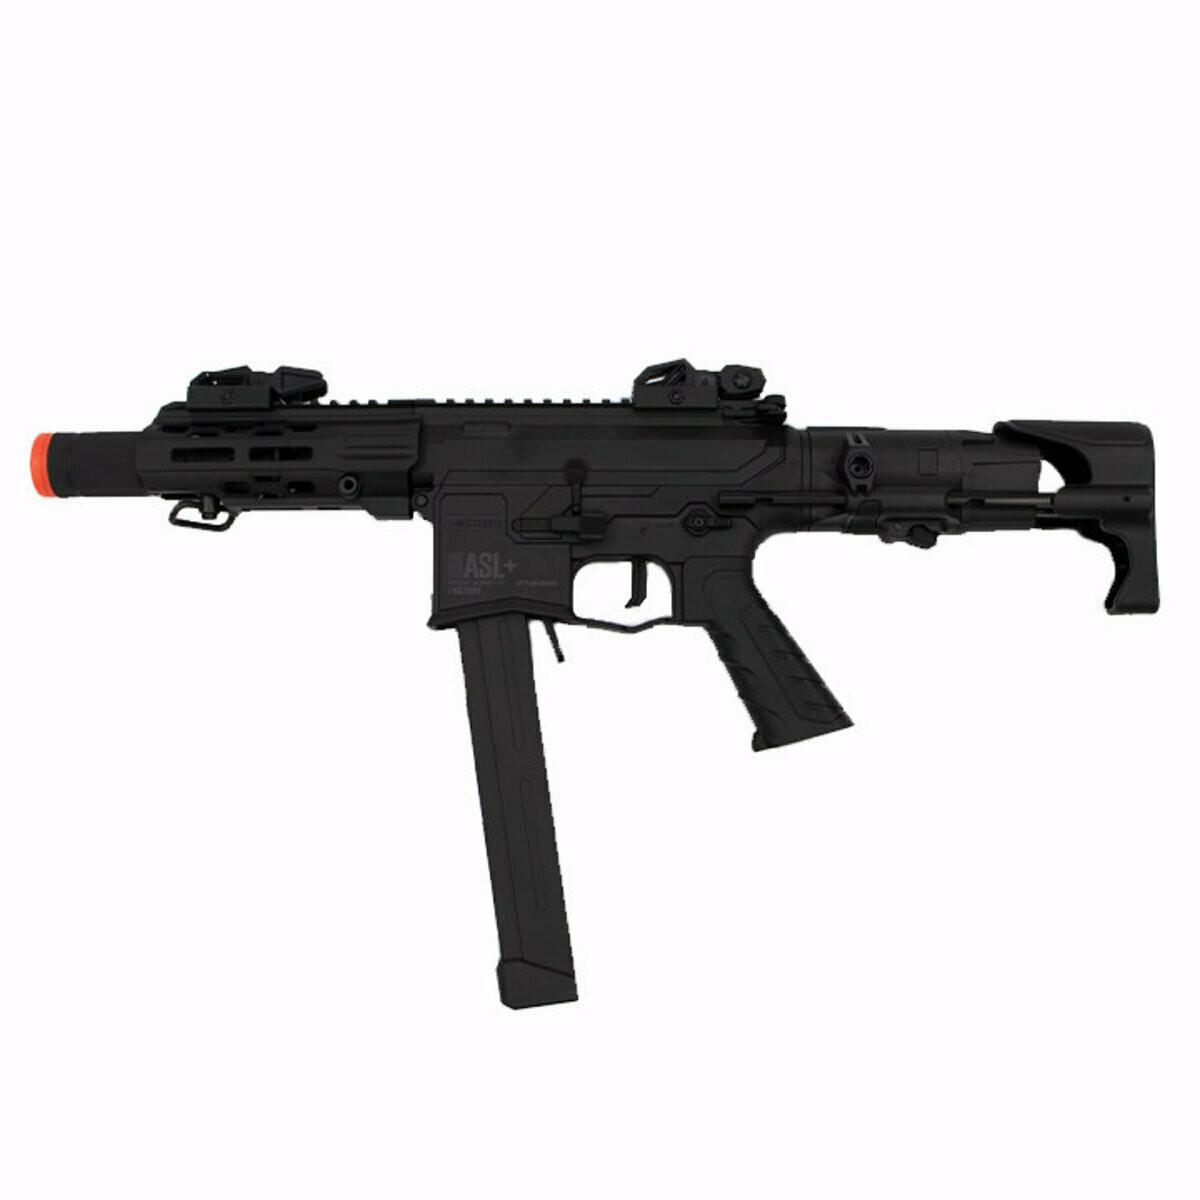 Valken CDN ASL+ Foxtrot45 AEG Rifle